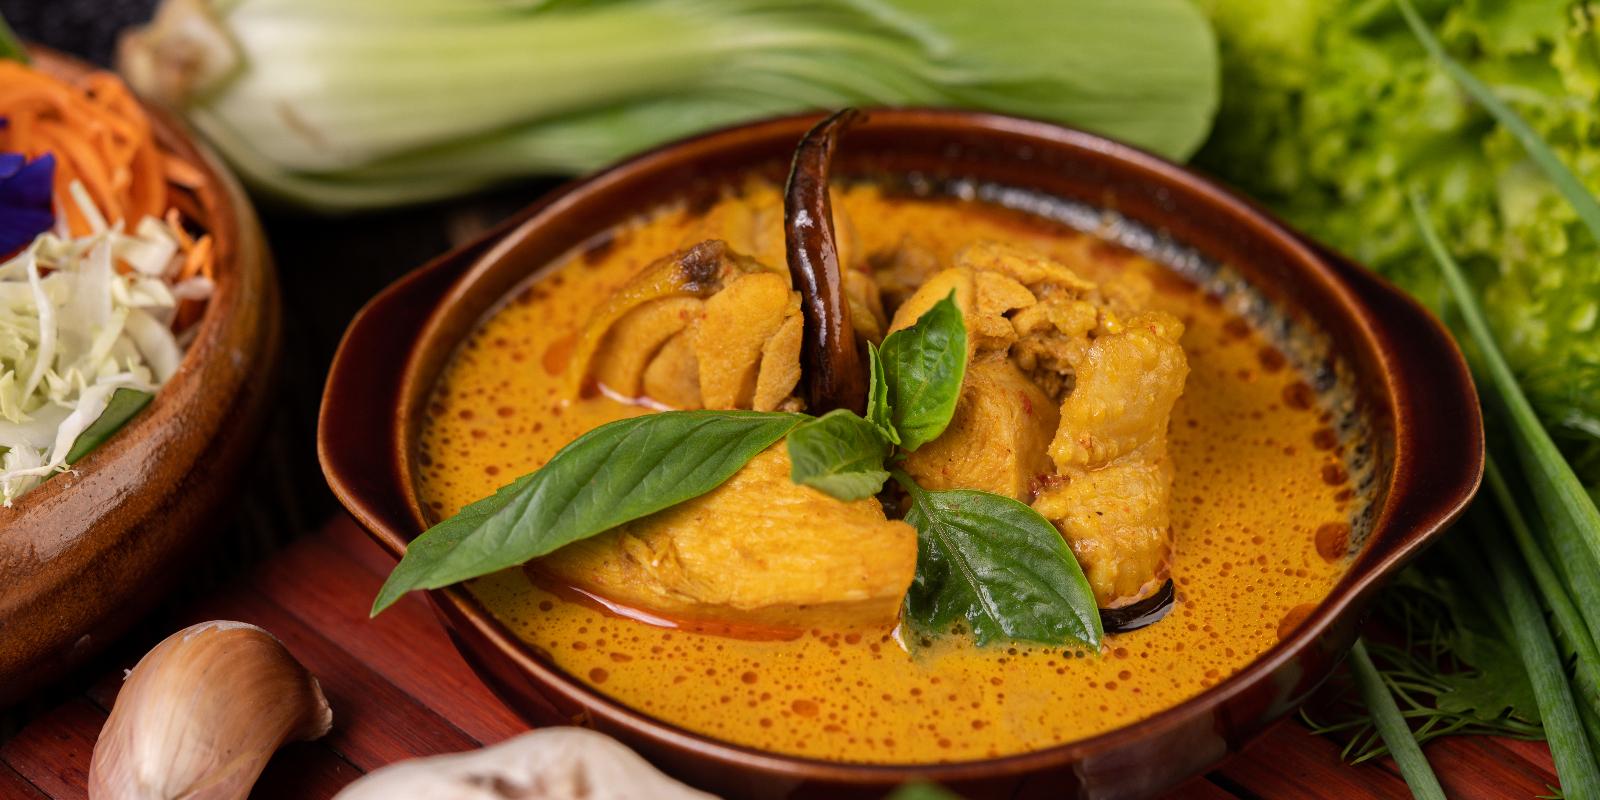 Kom in till oss på Gandhi för en äkta indisk matupplevelse!